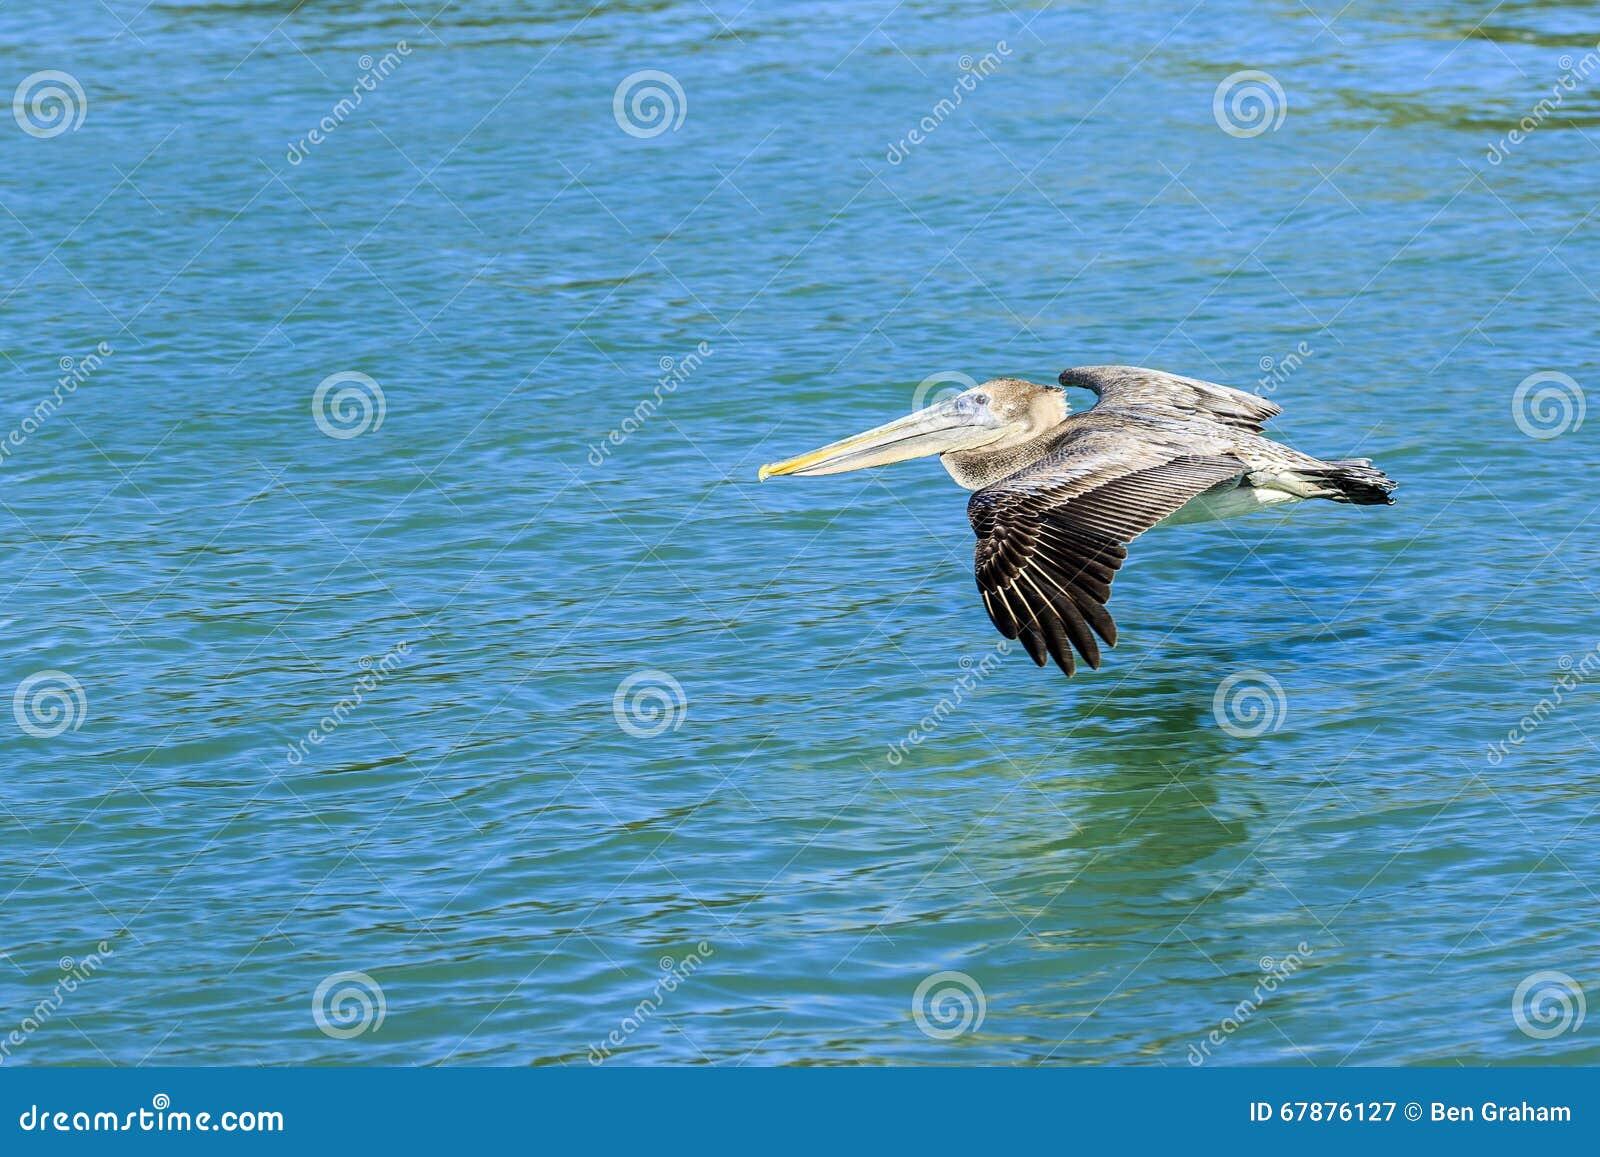 巴巴拉额嘴褐色加利福尼亚中央沿海早期的羽毛海滨广场早晨鹈鹕栖息码头圣诞老人